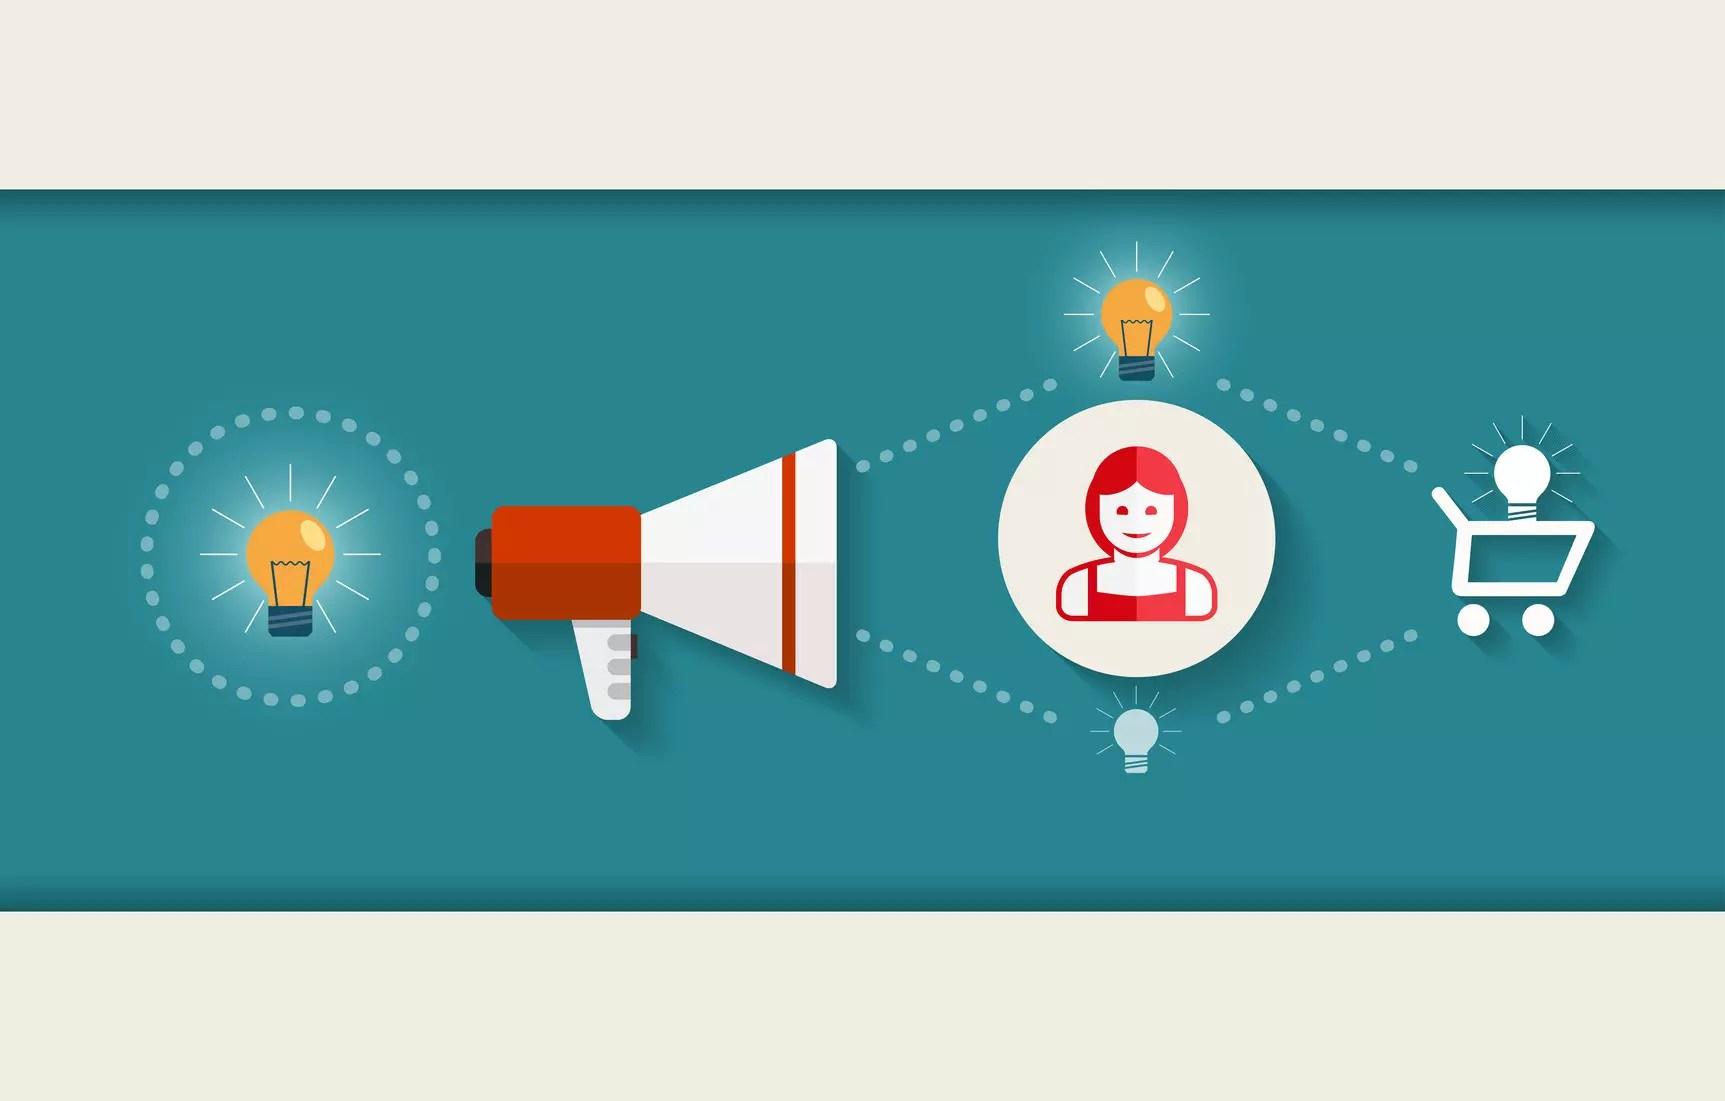 1b9cb4ae Annonsera på Facebook och nå er målgrupp - Action Marketing